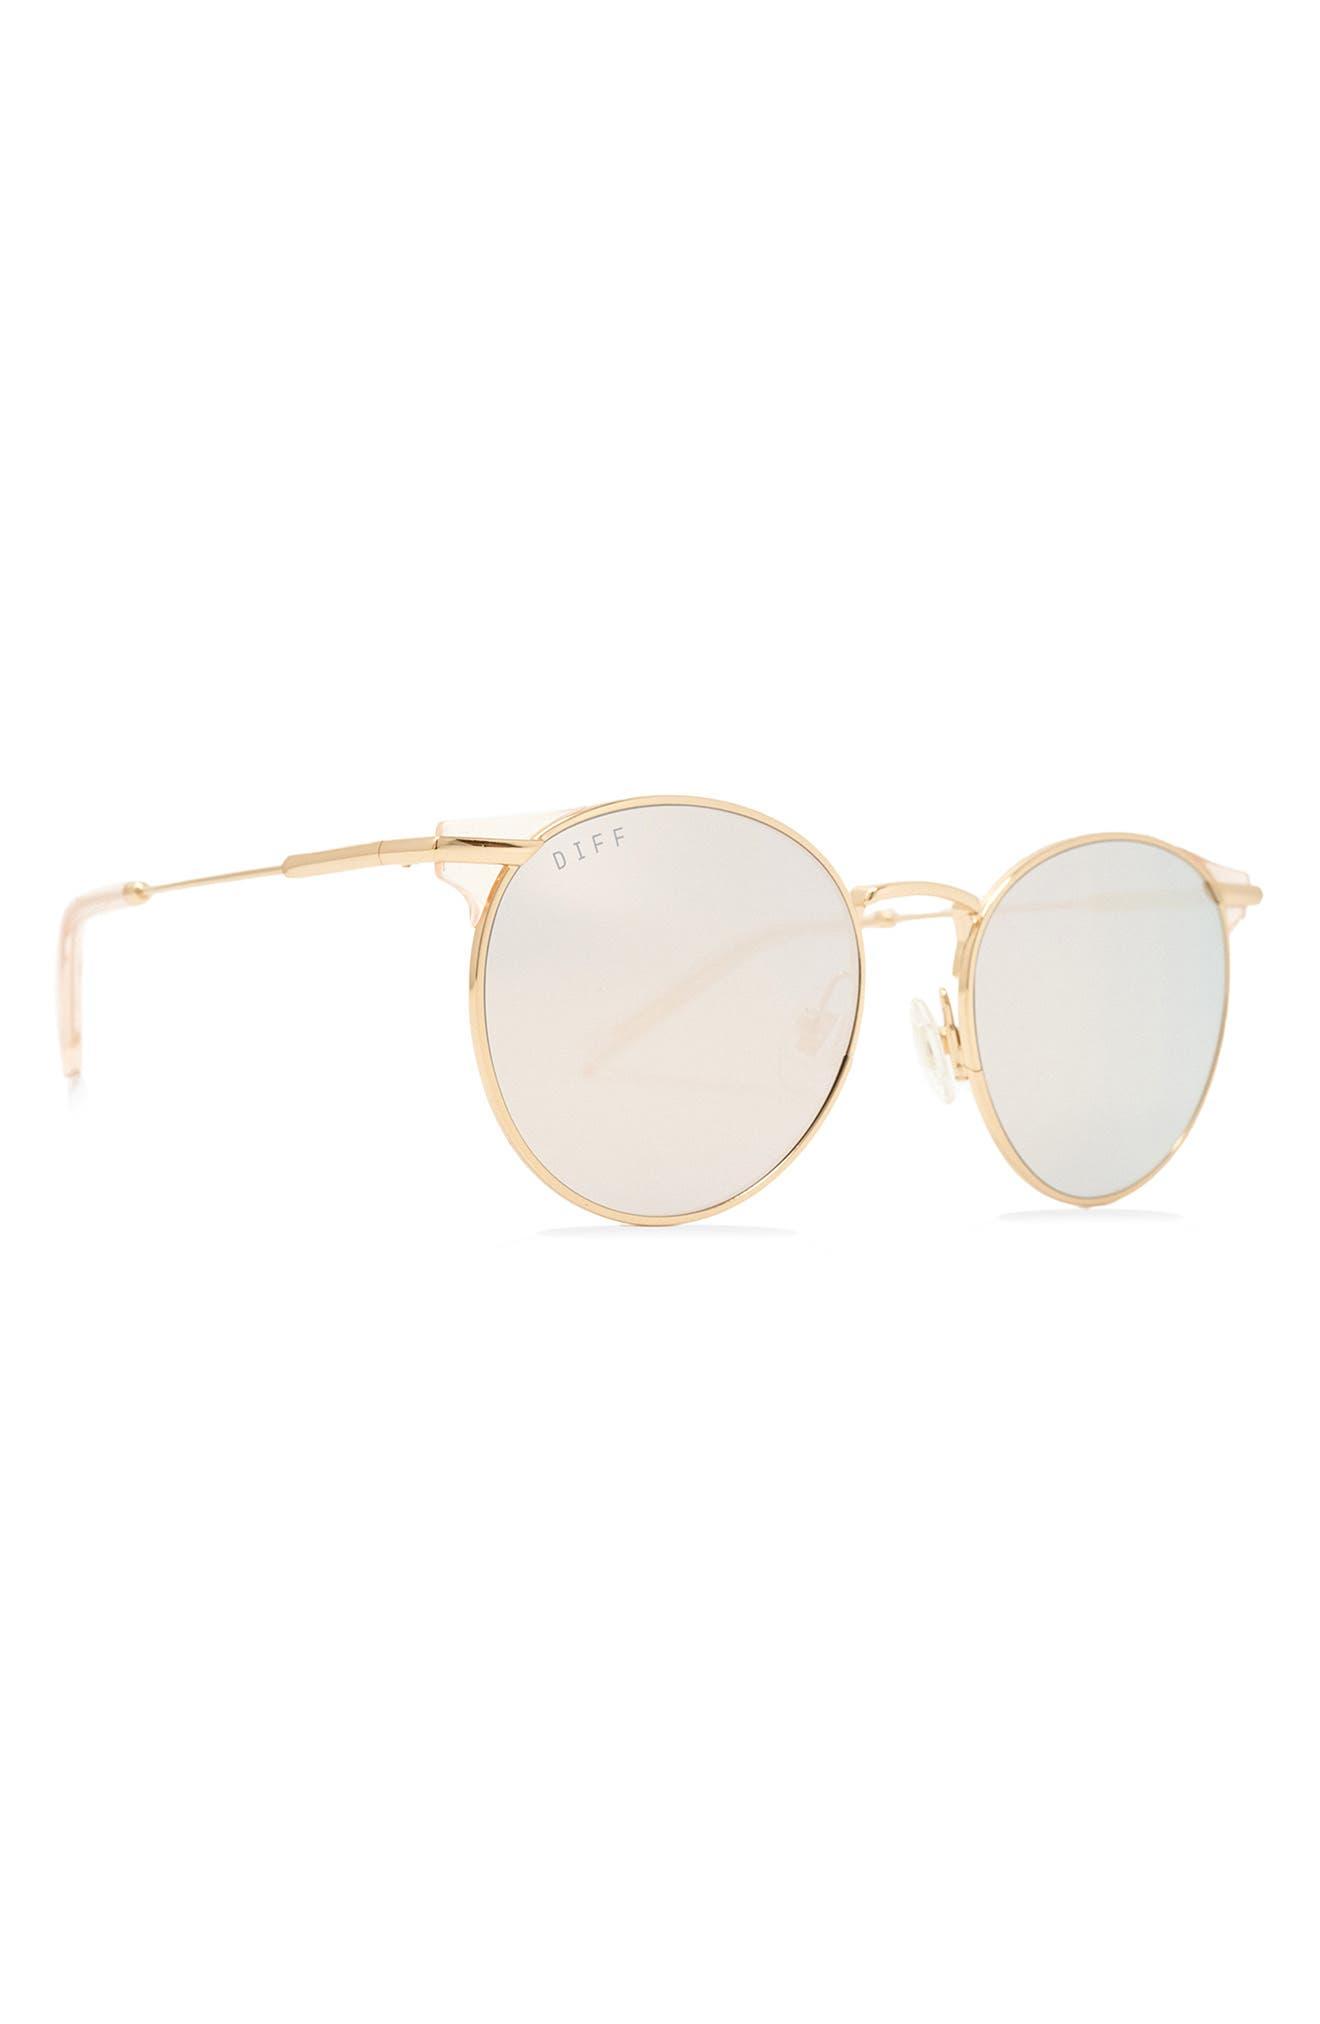 Summit 53mm Round Mirrored Sunglasses